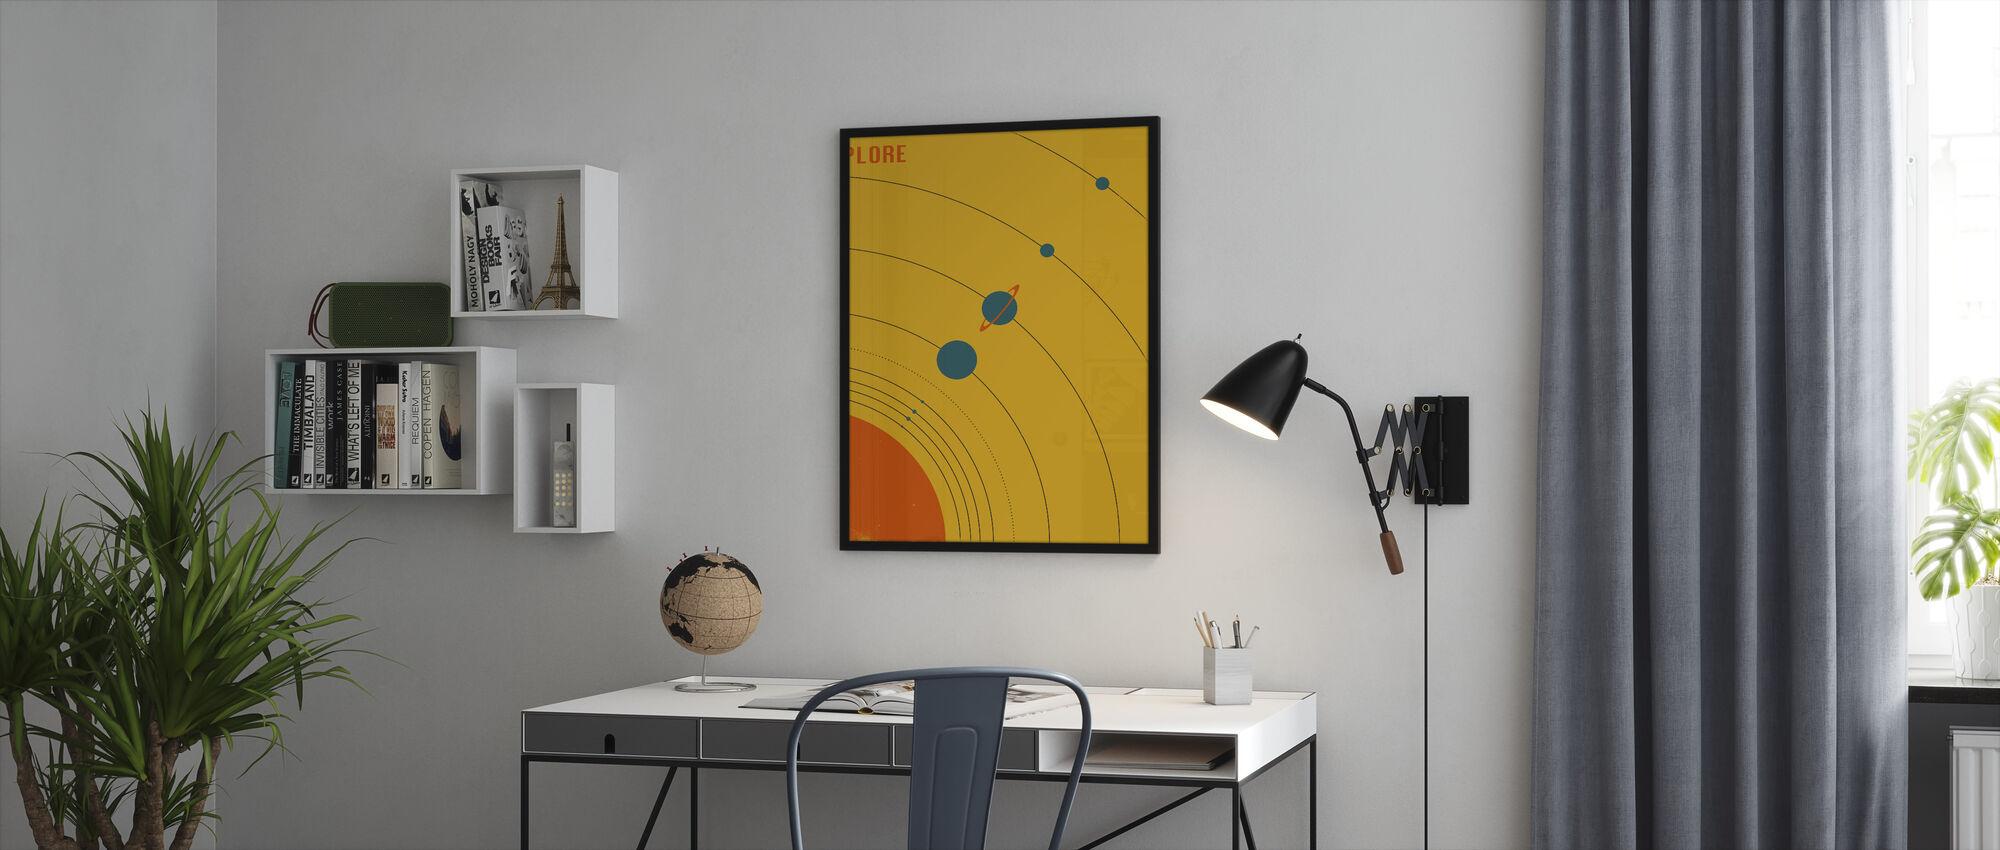 Solsystem - Utforsk - Innrammet bilde - Kontor